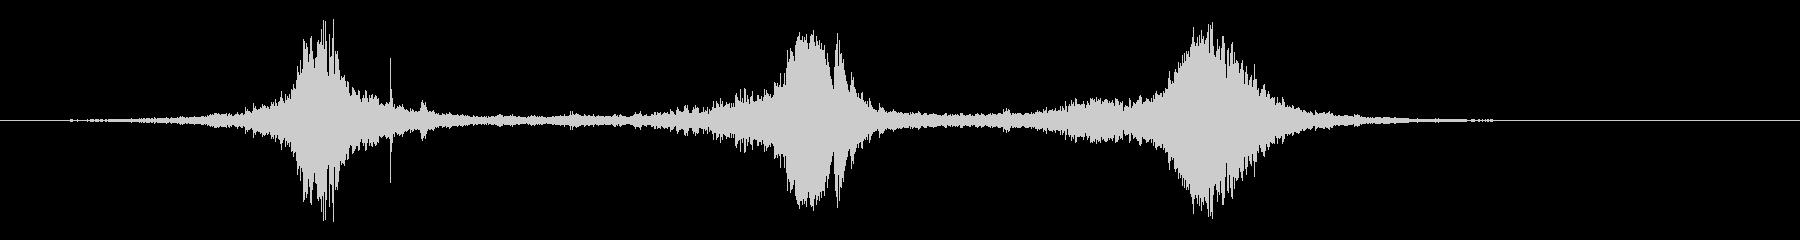 カートインディカー;加速によって(...の未再生の波形